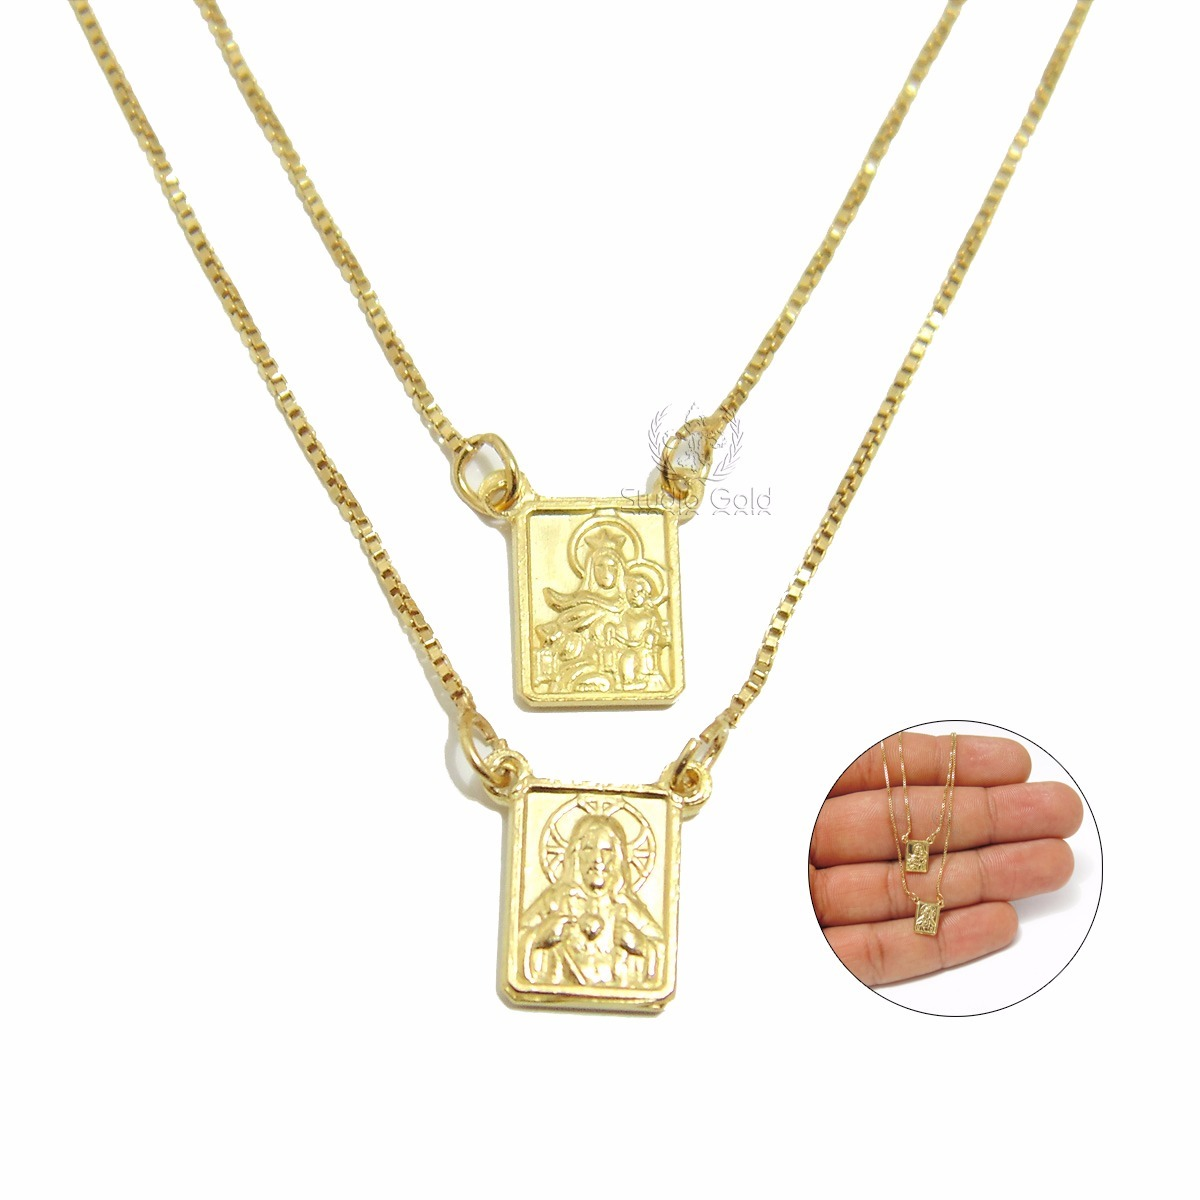 18a01343ab45f escapulário de prata masculino e feminino banhado a ouro 18k. Carregando  zoom.